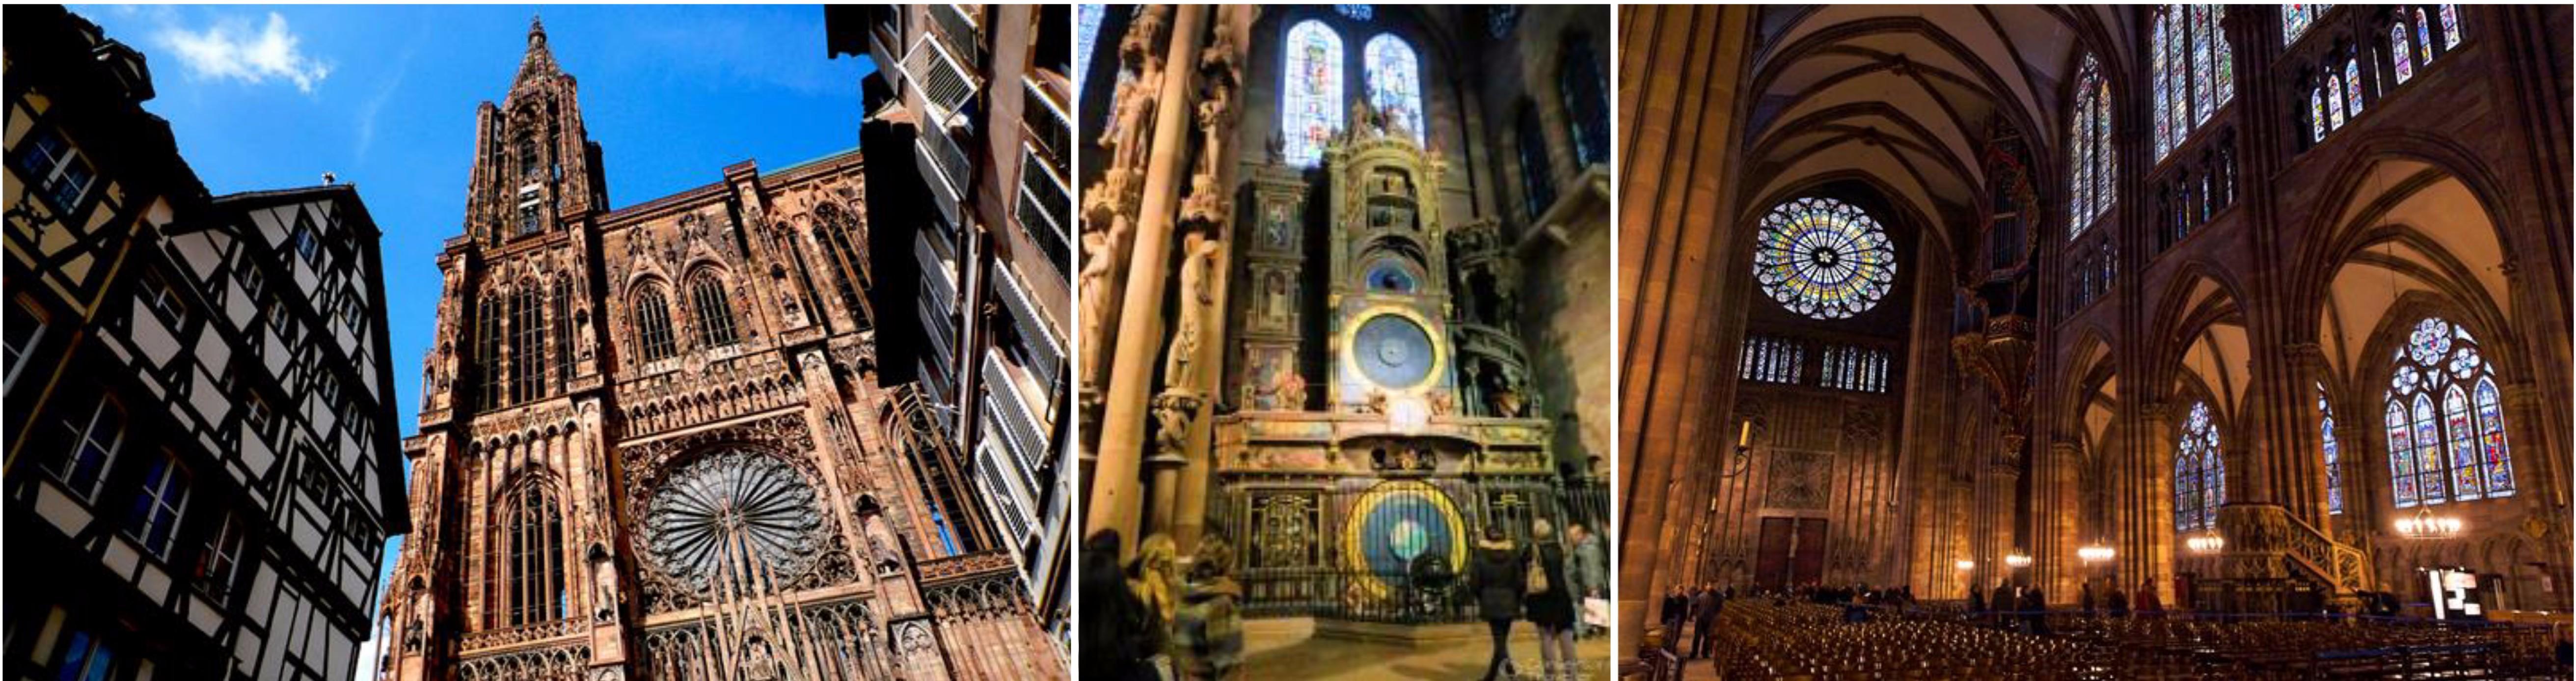 แฟรงค์เฟิร์ต – พิพิธภัณฑ์เครื่องแก้วลาลีค – สตราส์บูร์ก – ย่าน Petite France – มหาวิหารนอร์ทเทรอดามแห่งสตราส์บูร์ก – ล่องเรือชมเมือง - 2